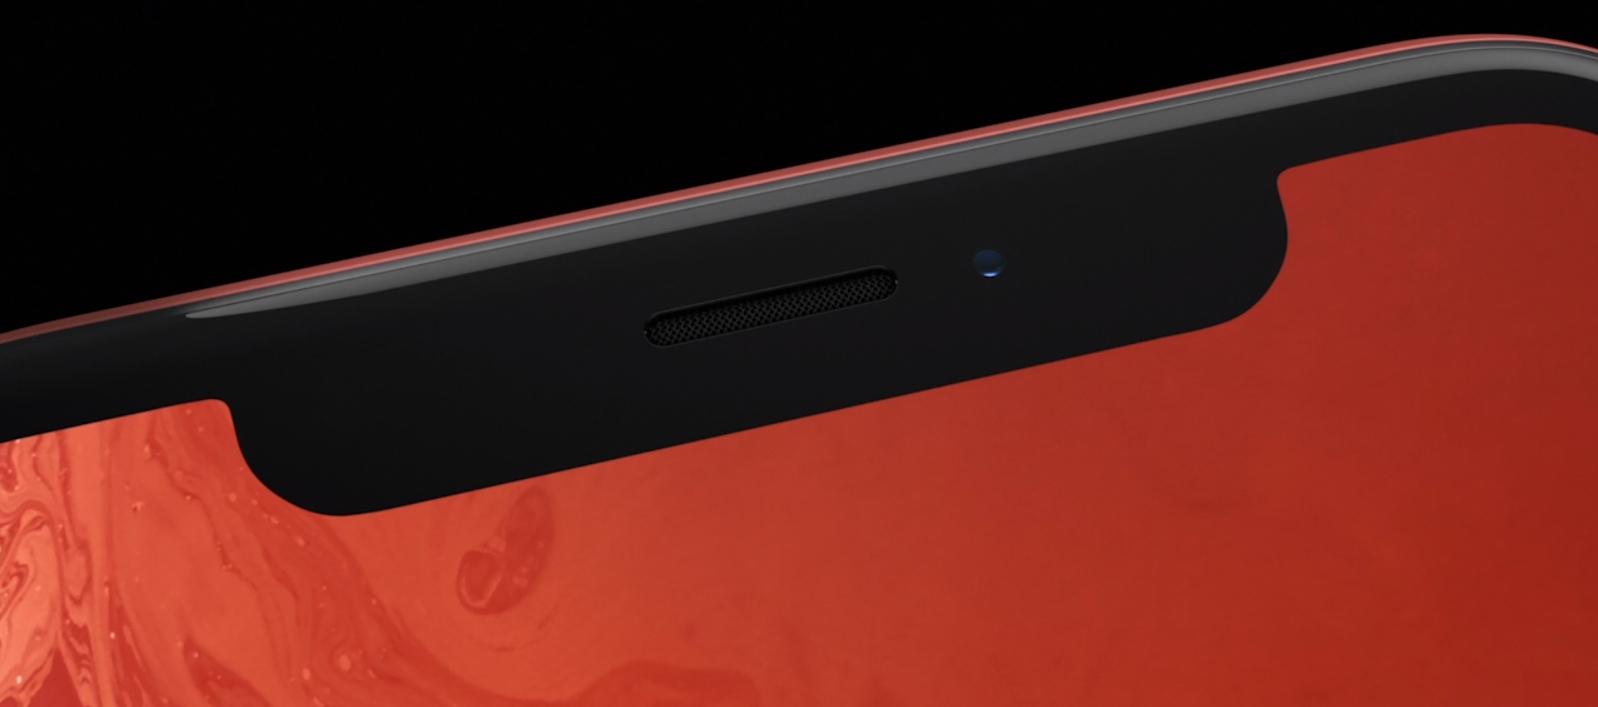 Ny teknologi kan skape drømme-iPhone